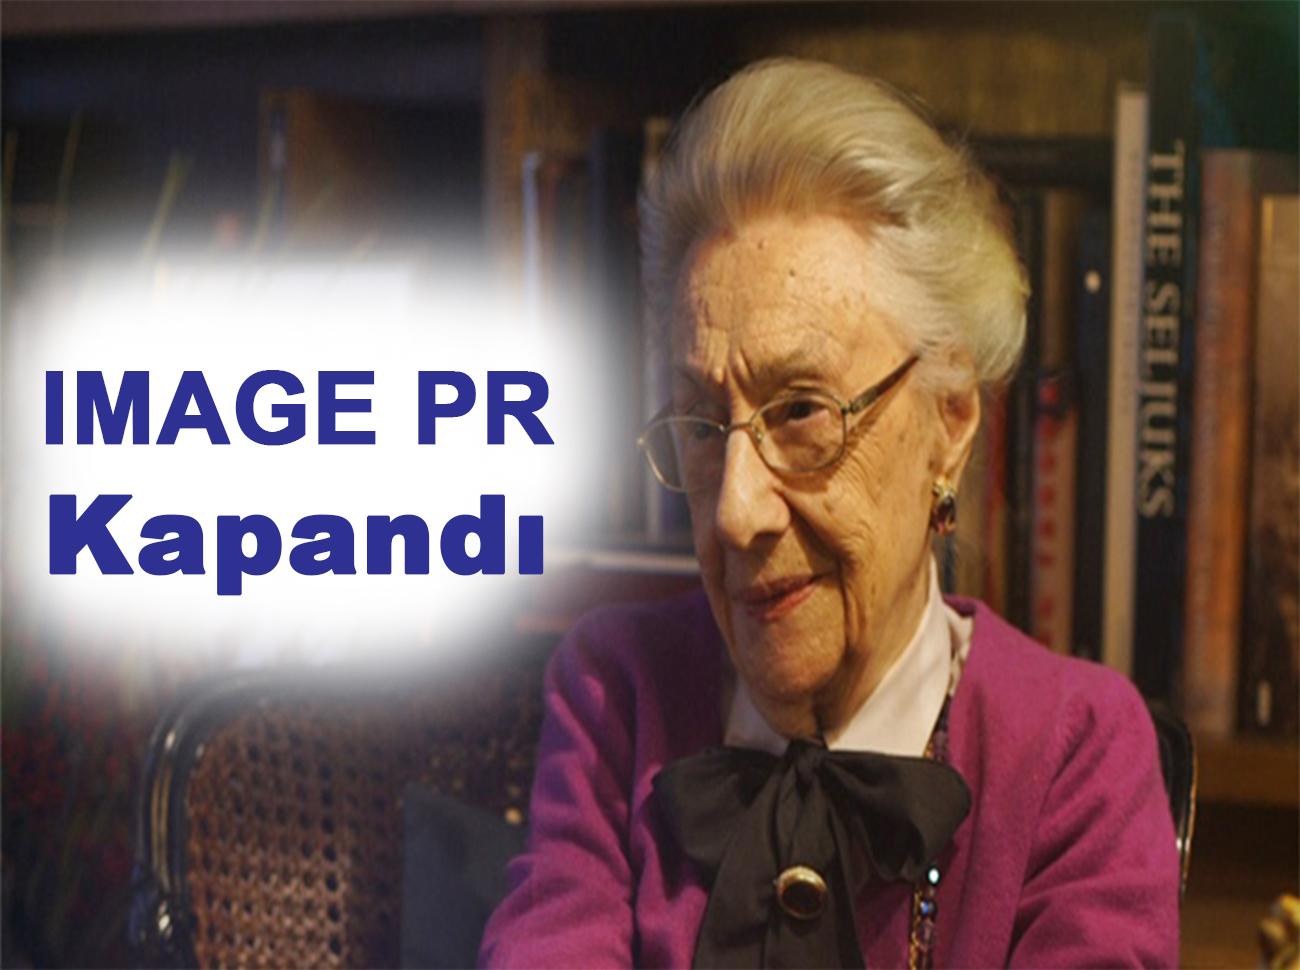 Türkiye'nin Köklü PR Ajanslarından Biri Olan Image PR Kapandı